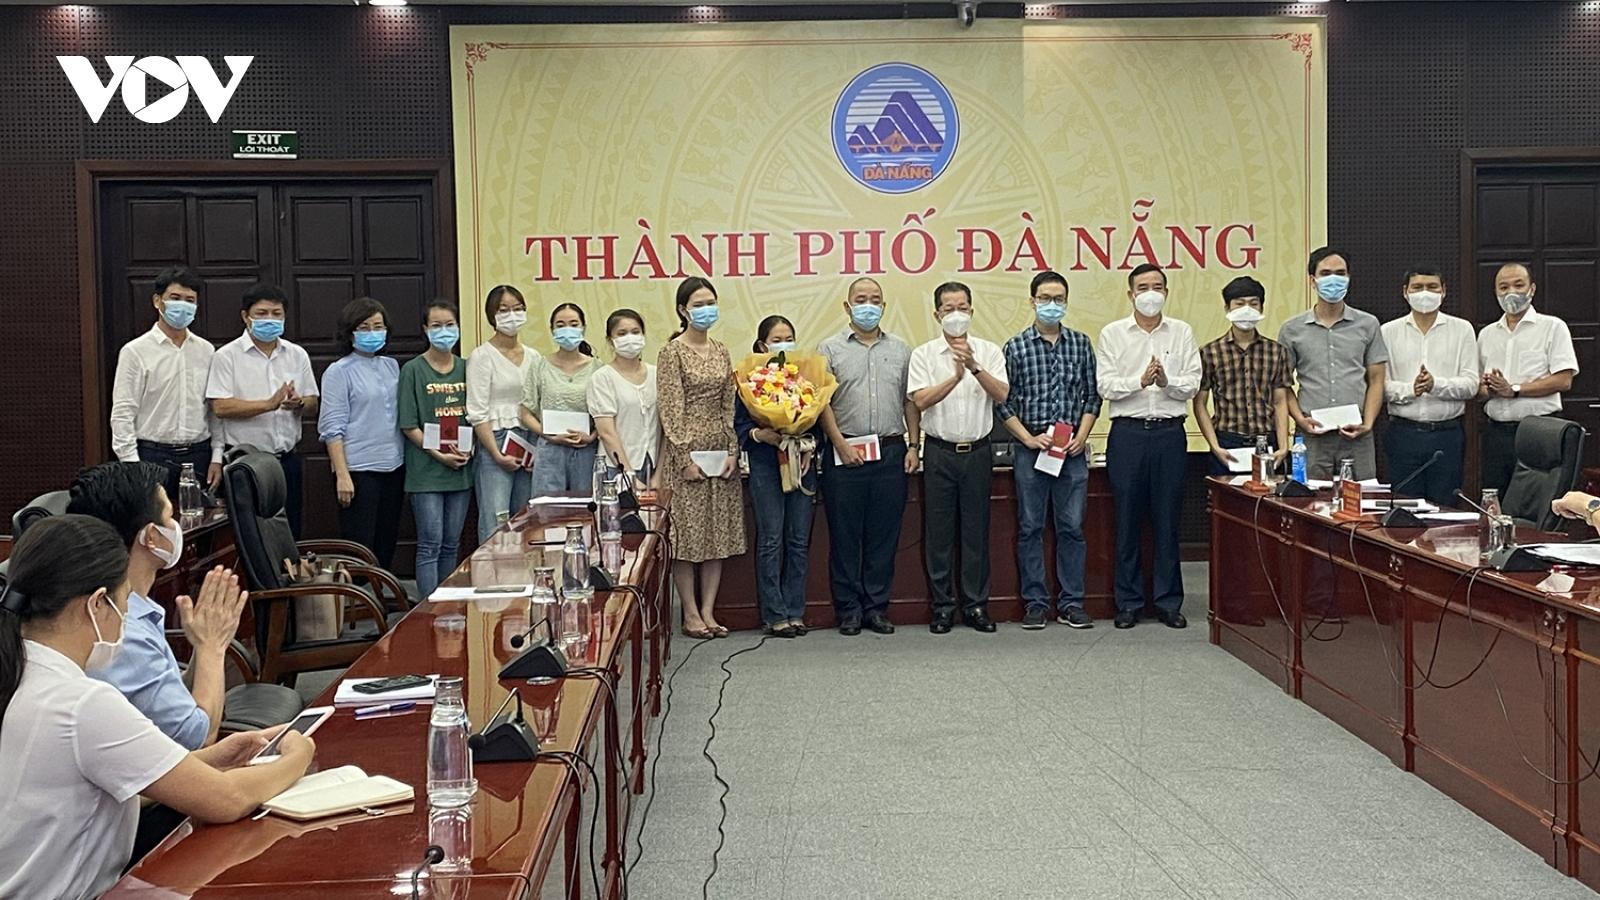 Đà Nẵng tiễn 10 bác sĩ, điều dưỡng lên đường chi viện Bắc Giang chống Covid-19